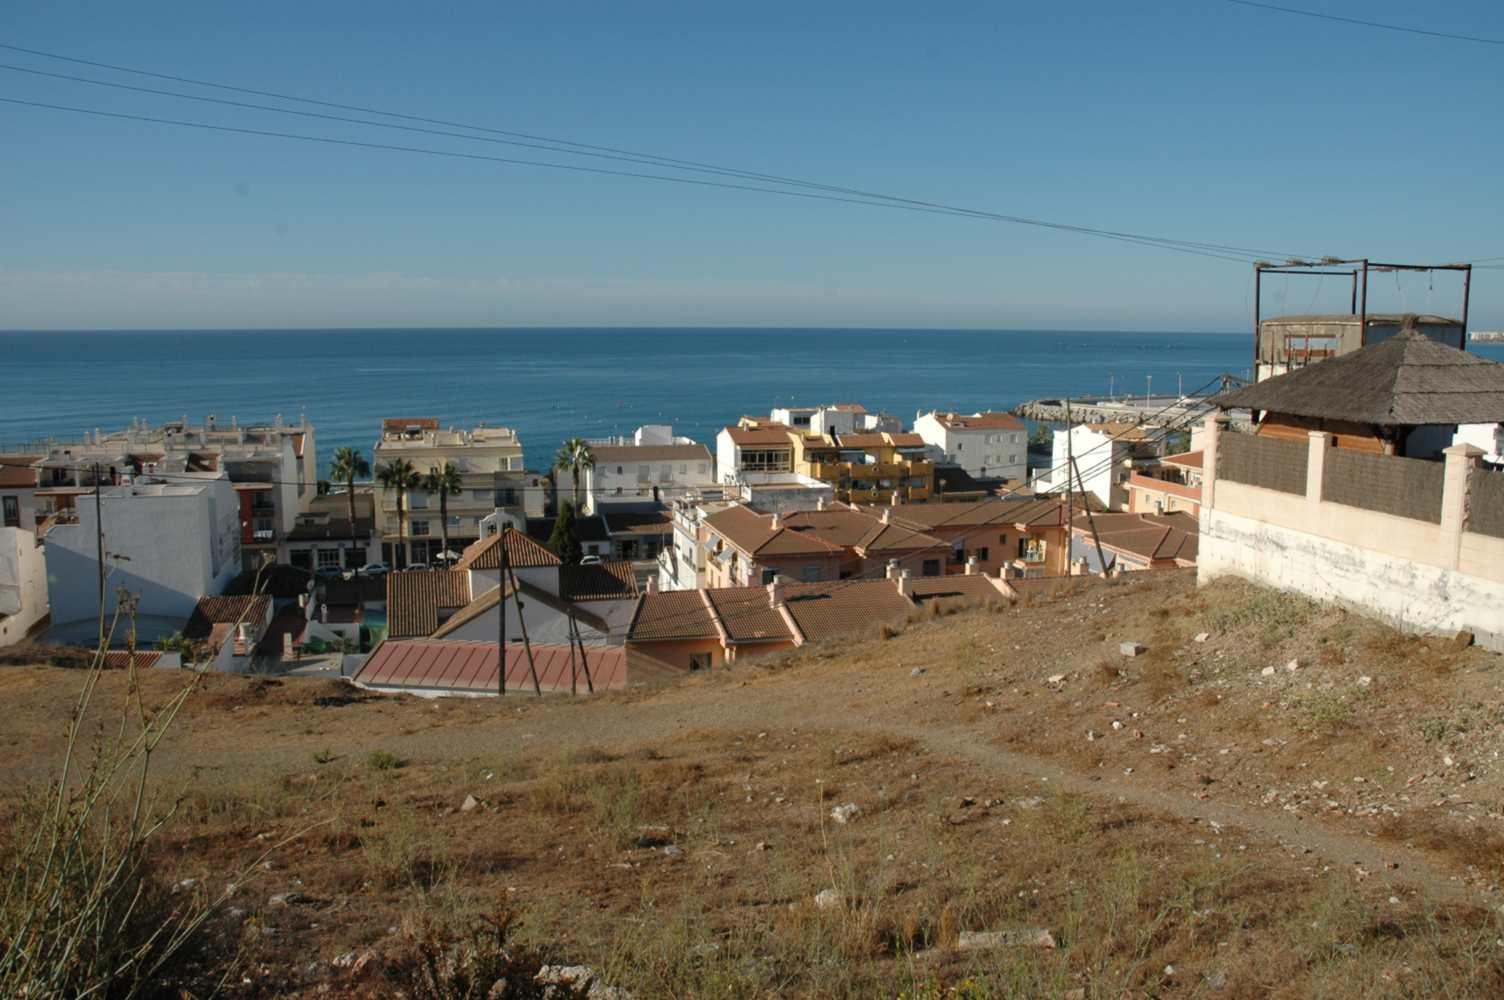 Parcela a 250 mts del mar en Caleta de Velez